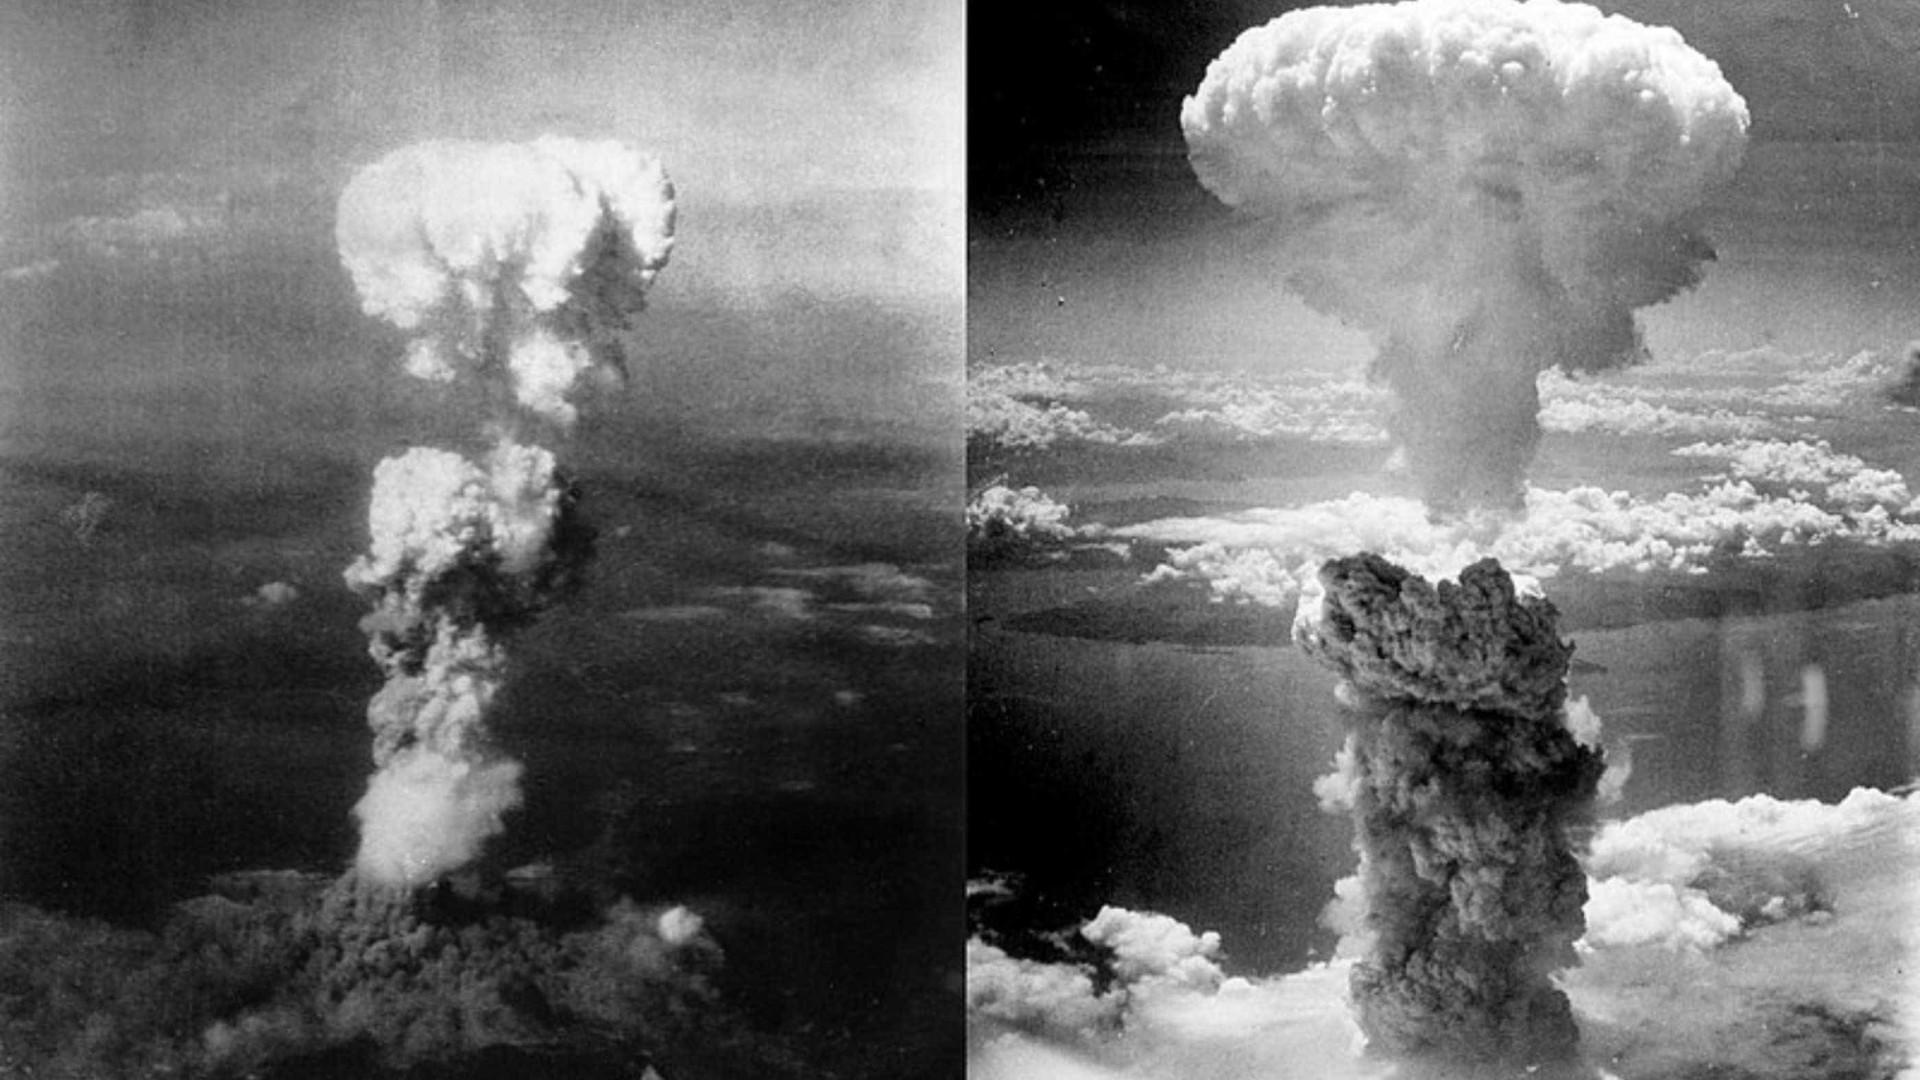 Petição pede minuto de silêncio nos Jogos para lembrar vítimas de Hiroshima